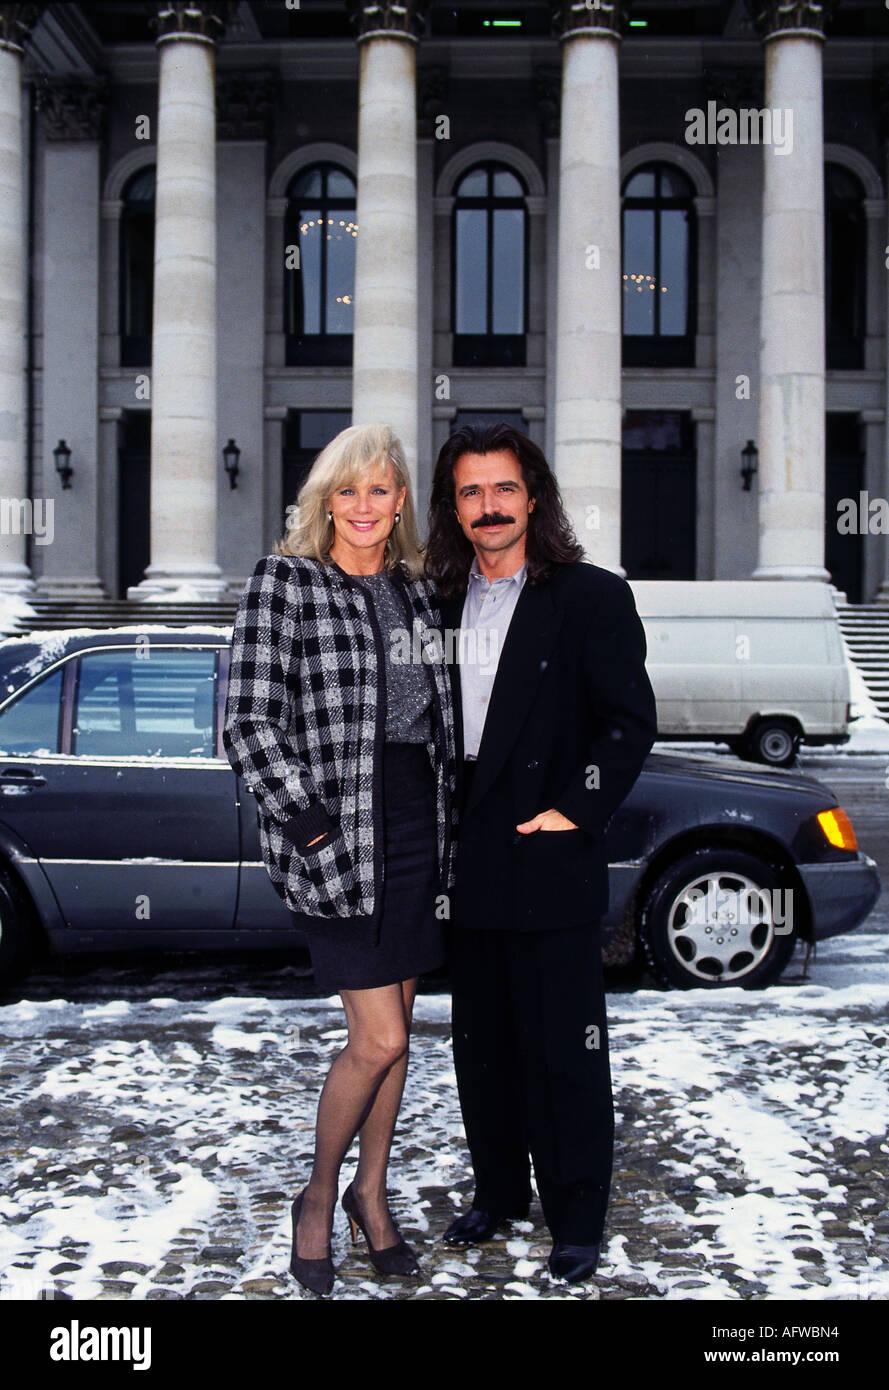 Linda Gray and yanni